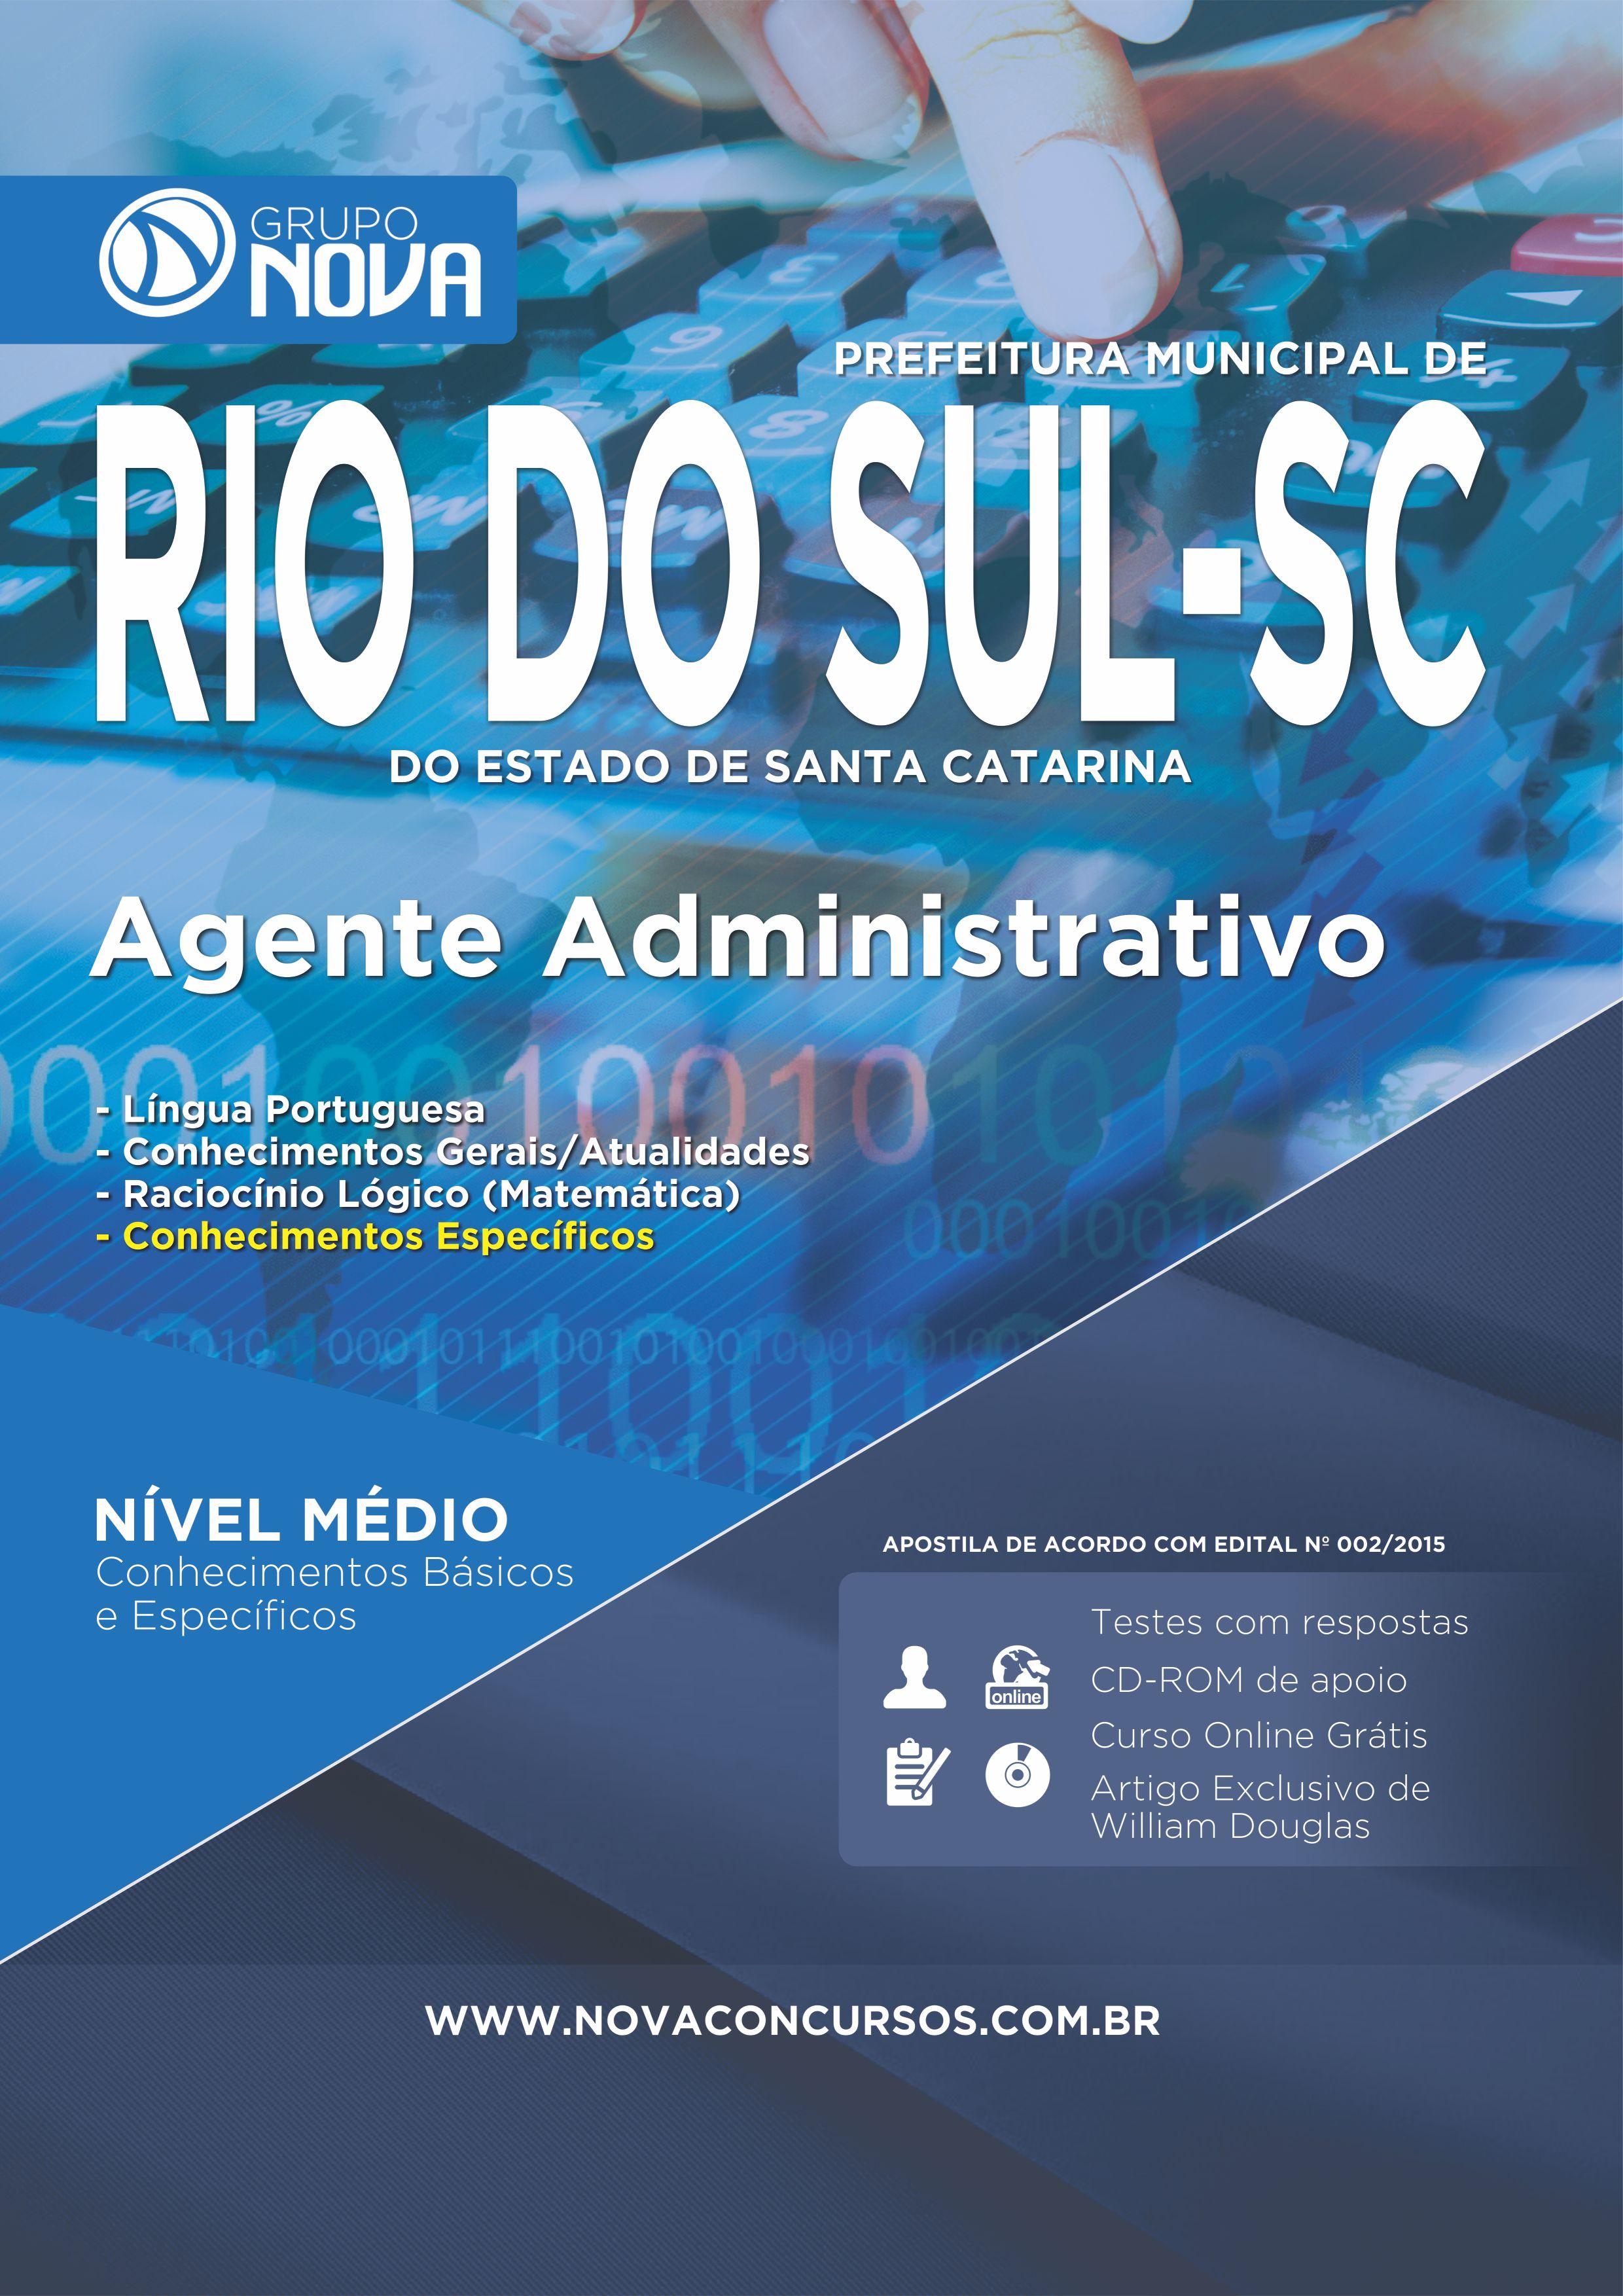 Apostila Rio do Sul 2015 - Agente Administrativo ( Impresso )